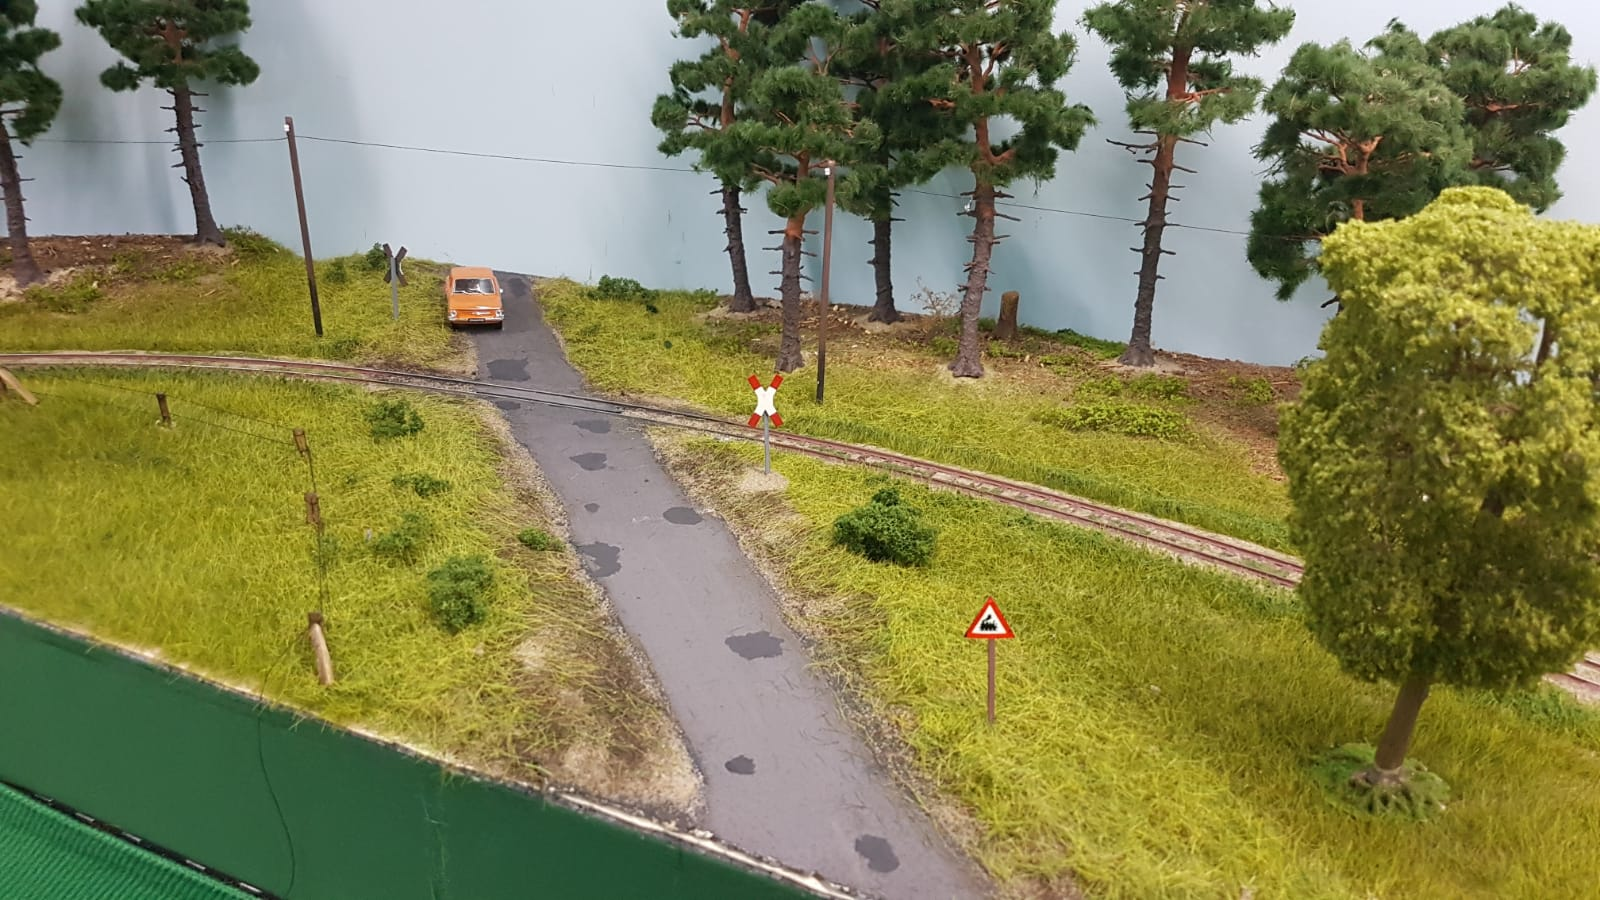 Die Straße am Bahnübergang wurde auf eine kleine Landstraße zurückgebaut.